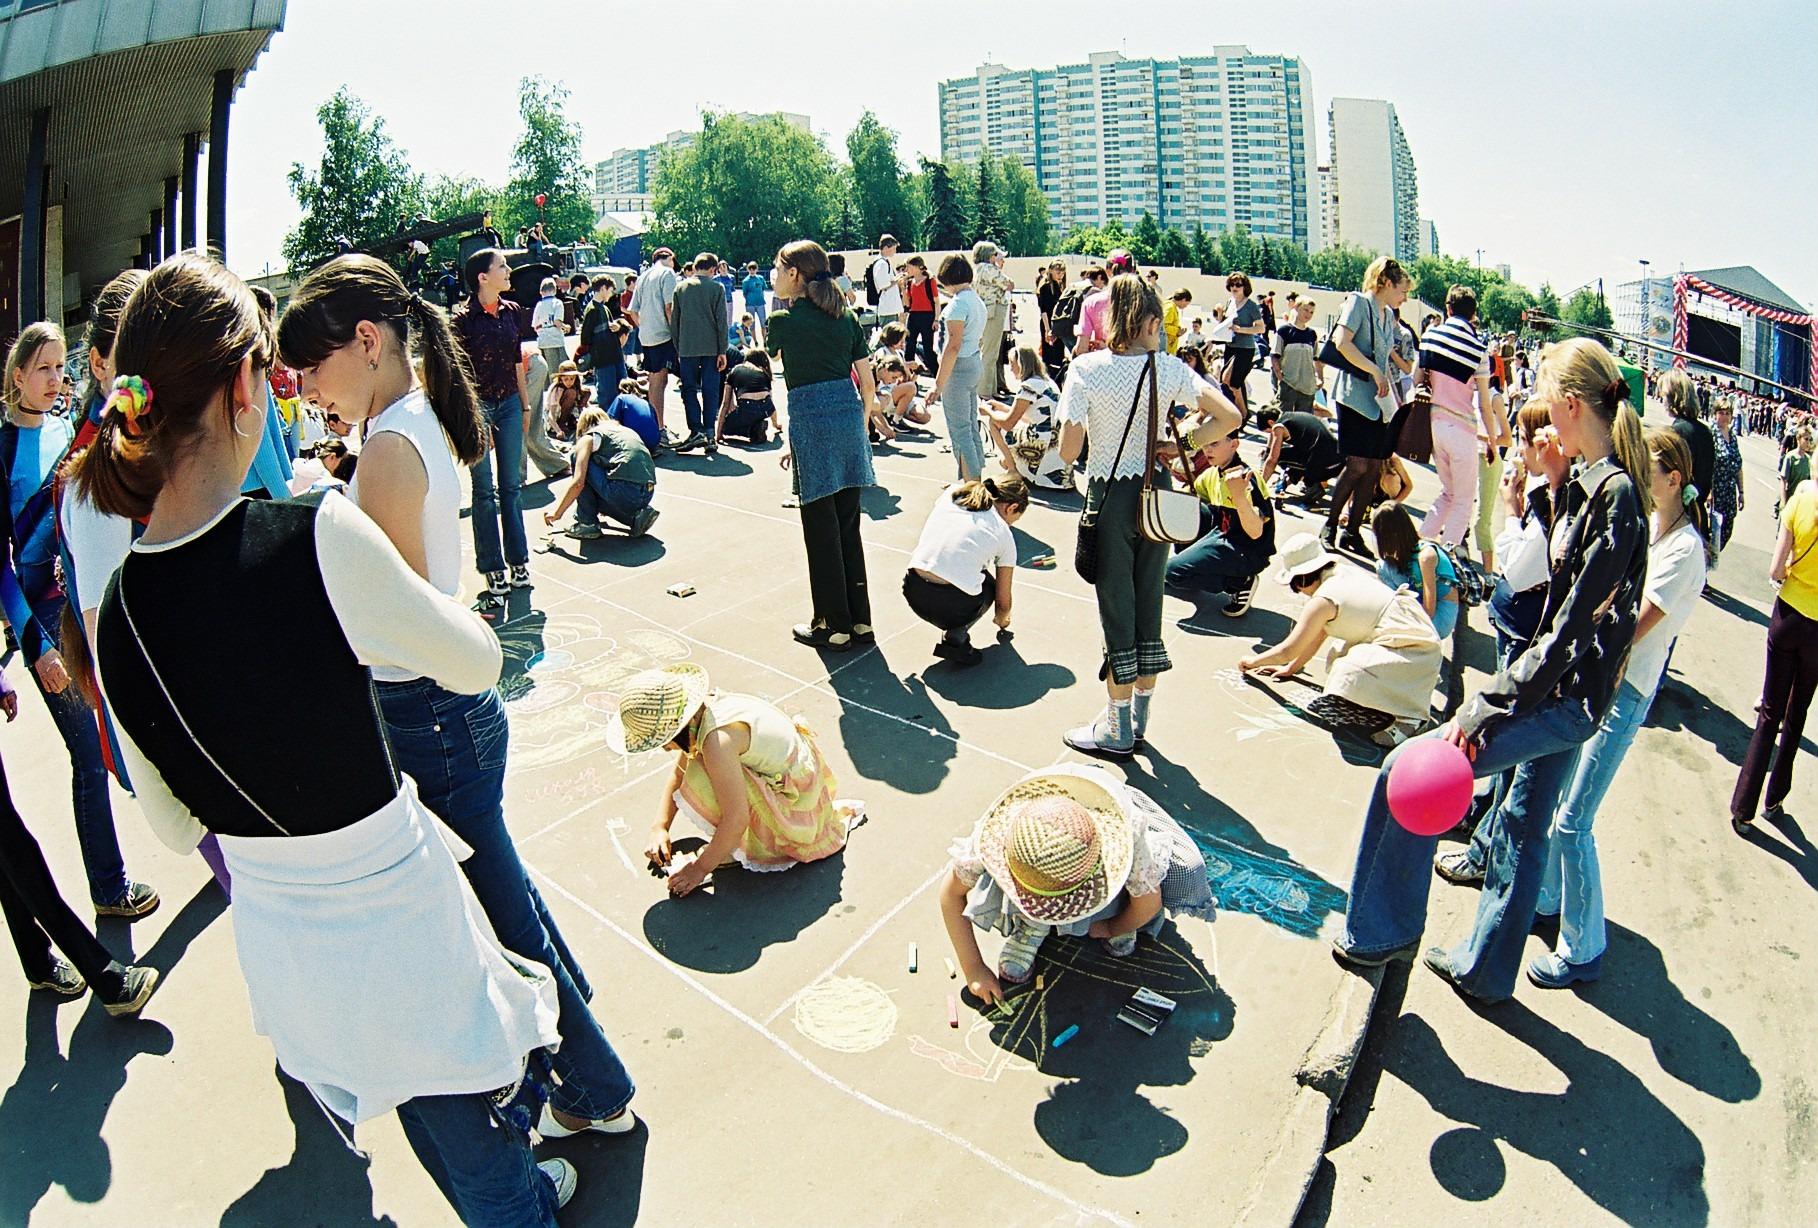 2002 празднование Дня детей 1 июня 2002 г. (снято на широкоугольный объектив Зенита)